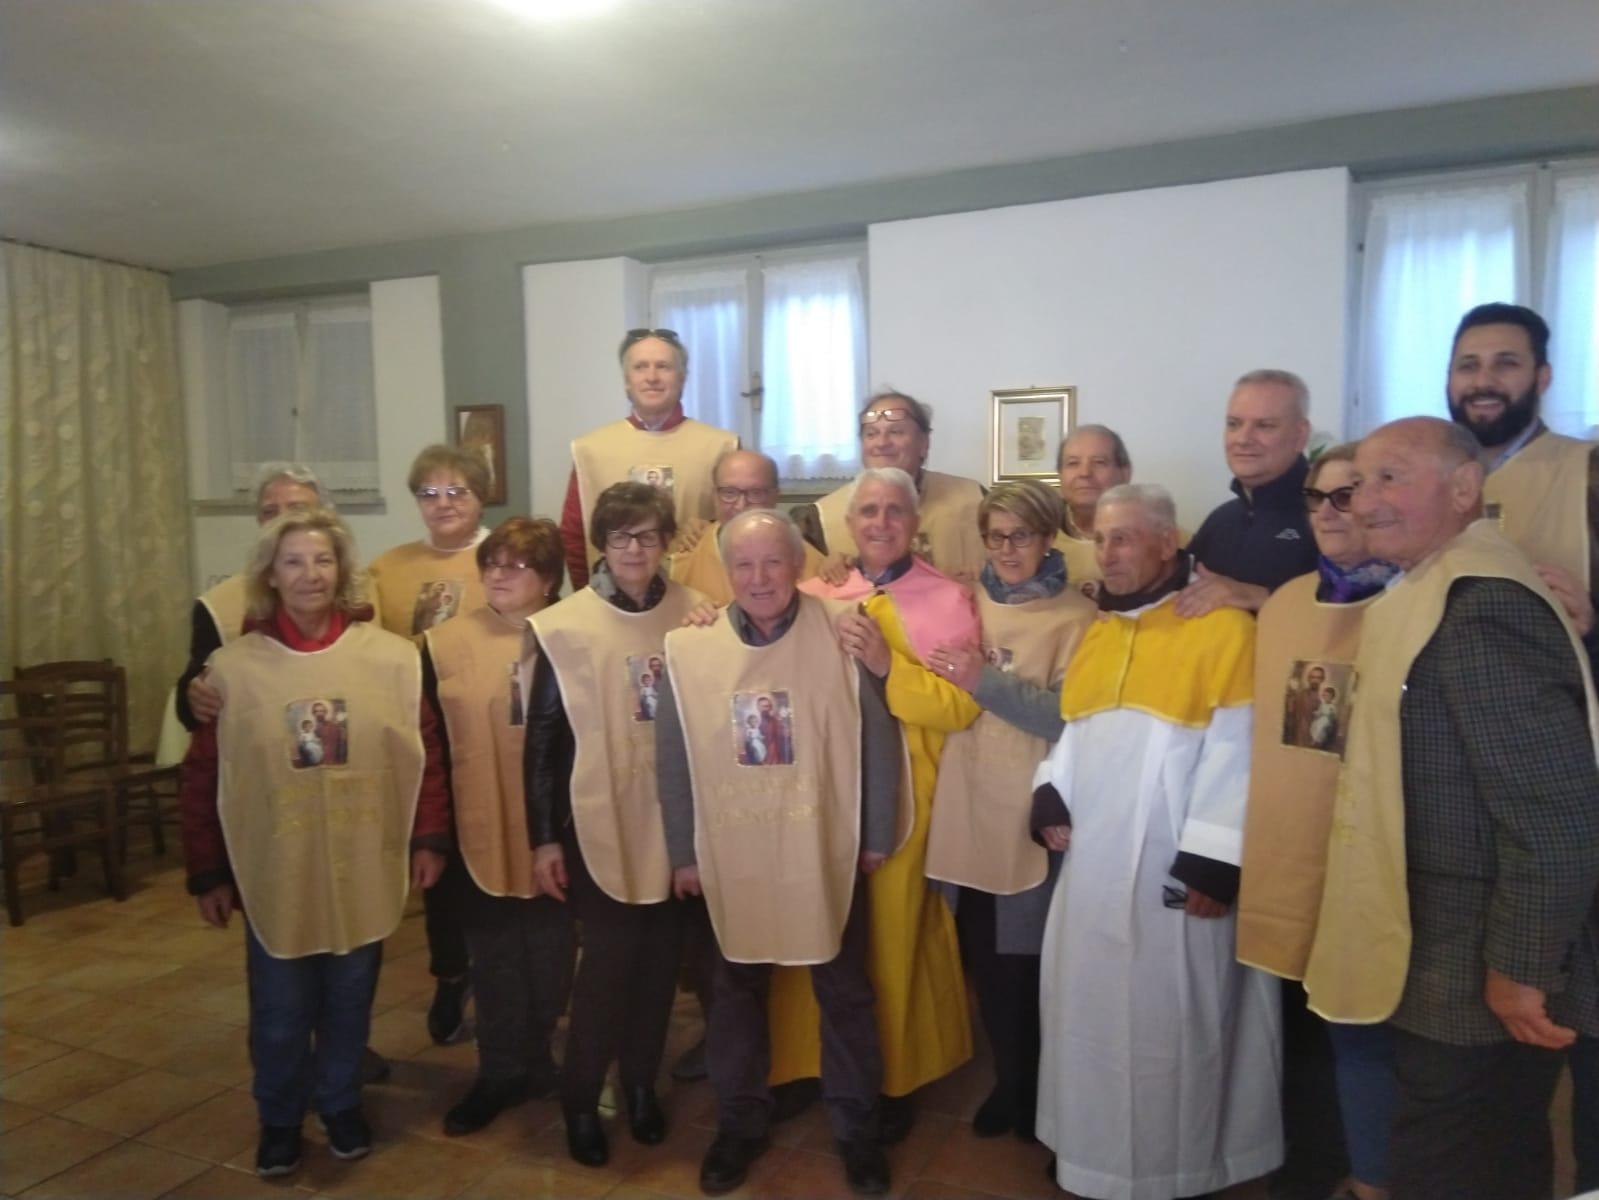 Tradizioni, fede e cultura a Jenne con la Festa di San Giuseppe nel ruolo della storica confraternita